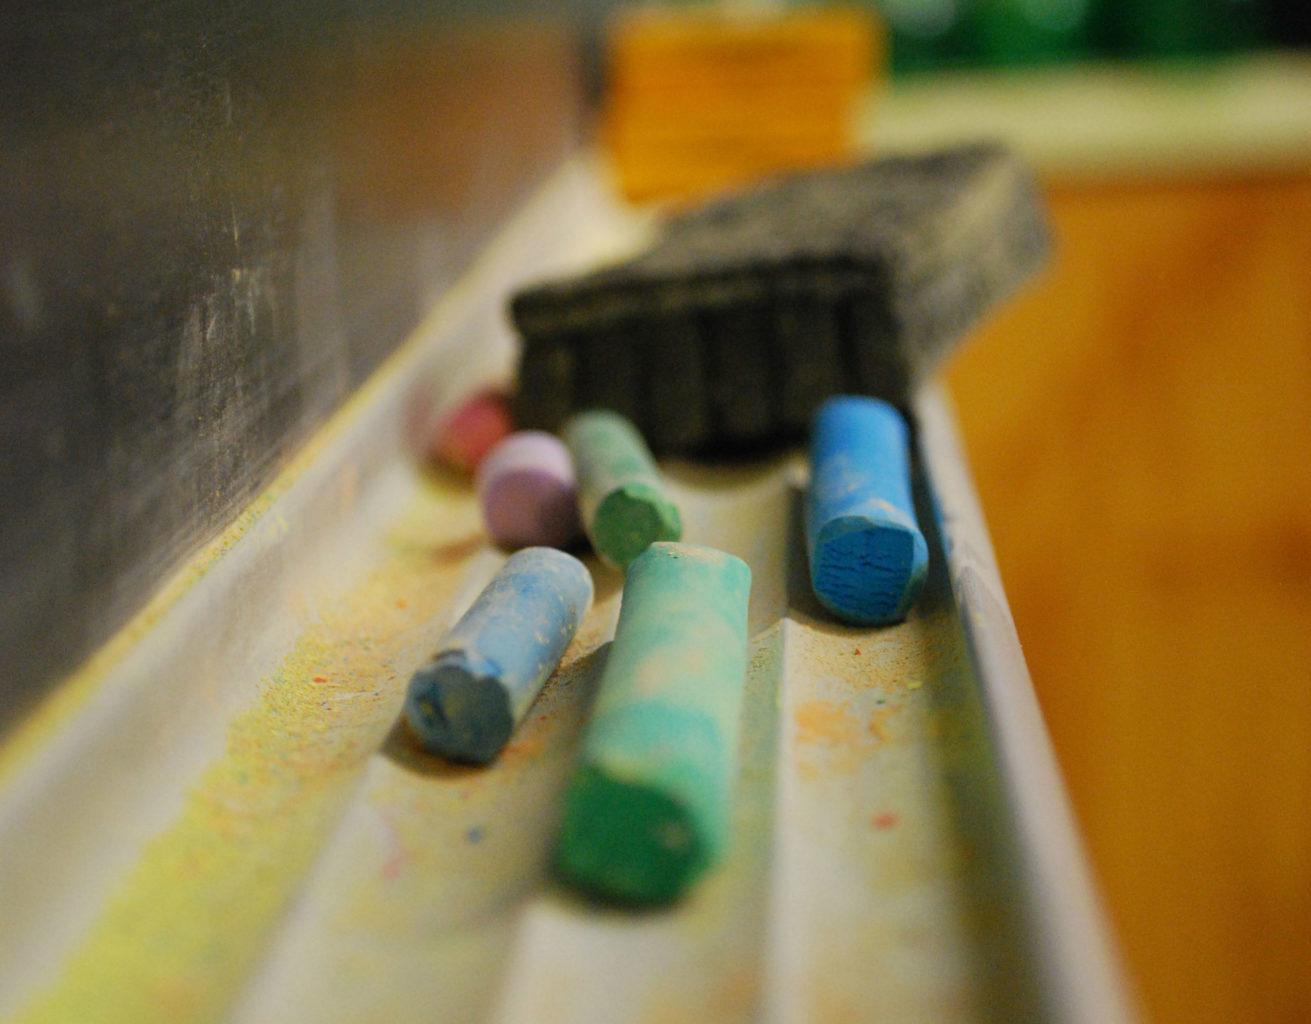 Entrevista: Finlândia aposta no ensino interdisciplinar